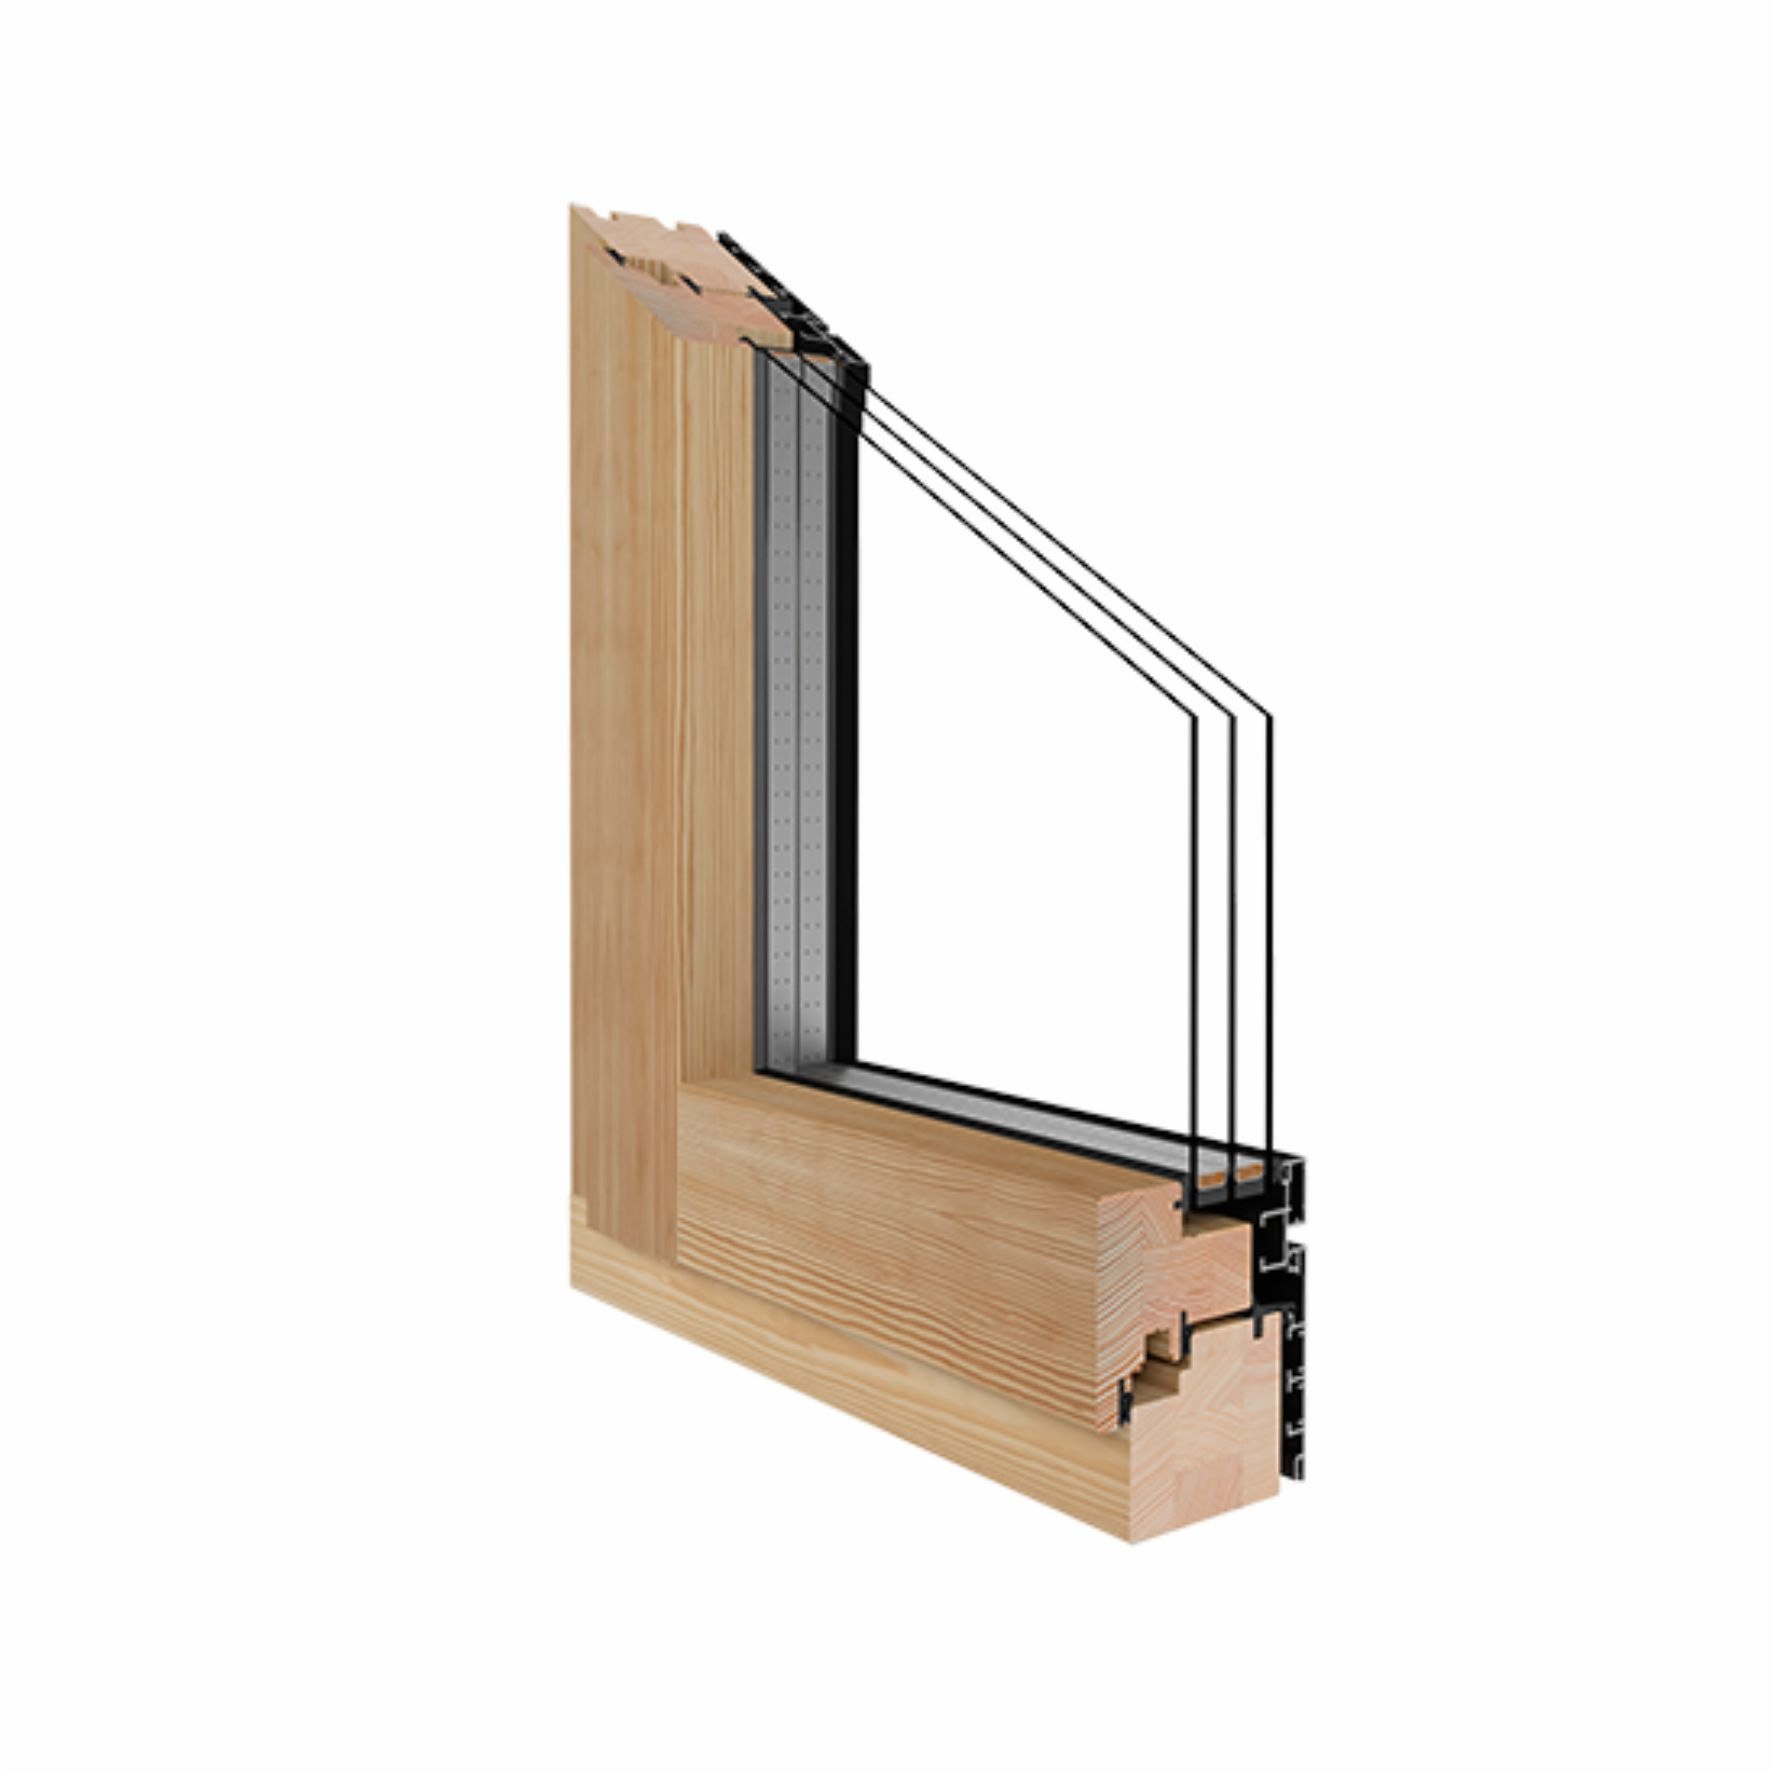 Holz alu fenster drutex duoline 78 kiefer fenster alle for Holz alu fenster hersteller